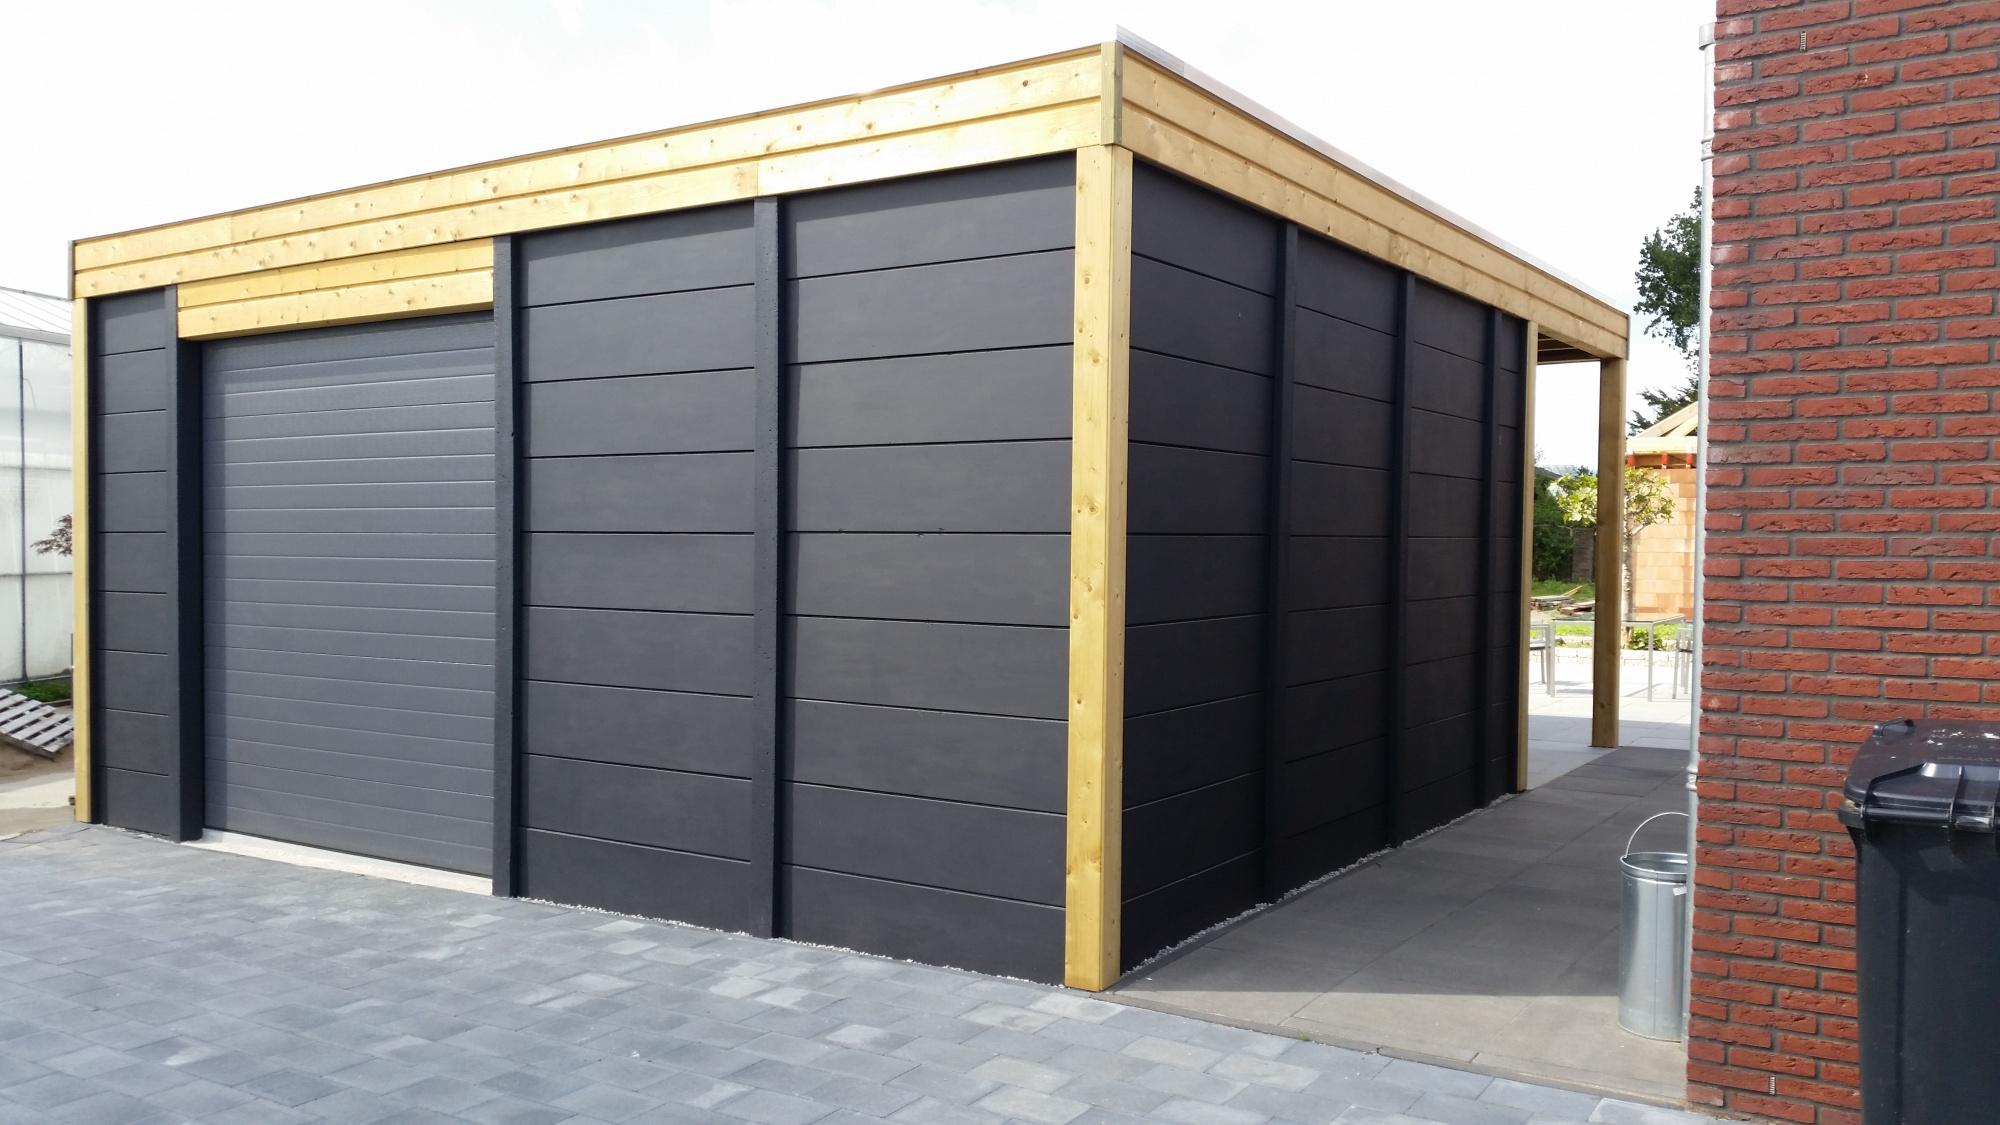 betonnen garage enkelzijdig beton systeembouw handvorm steenmotief. Black Bedroom Furniture Sets. Home Design Ideas